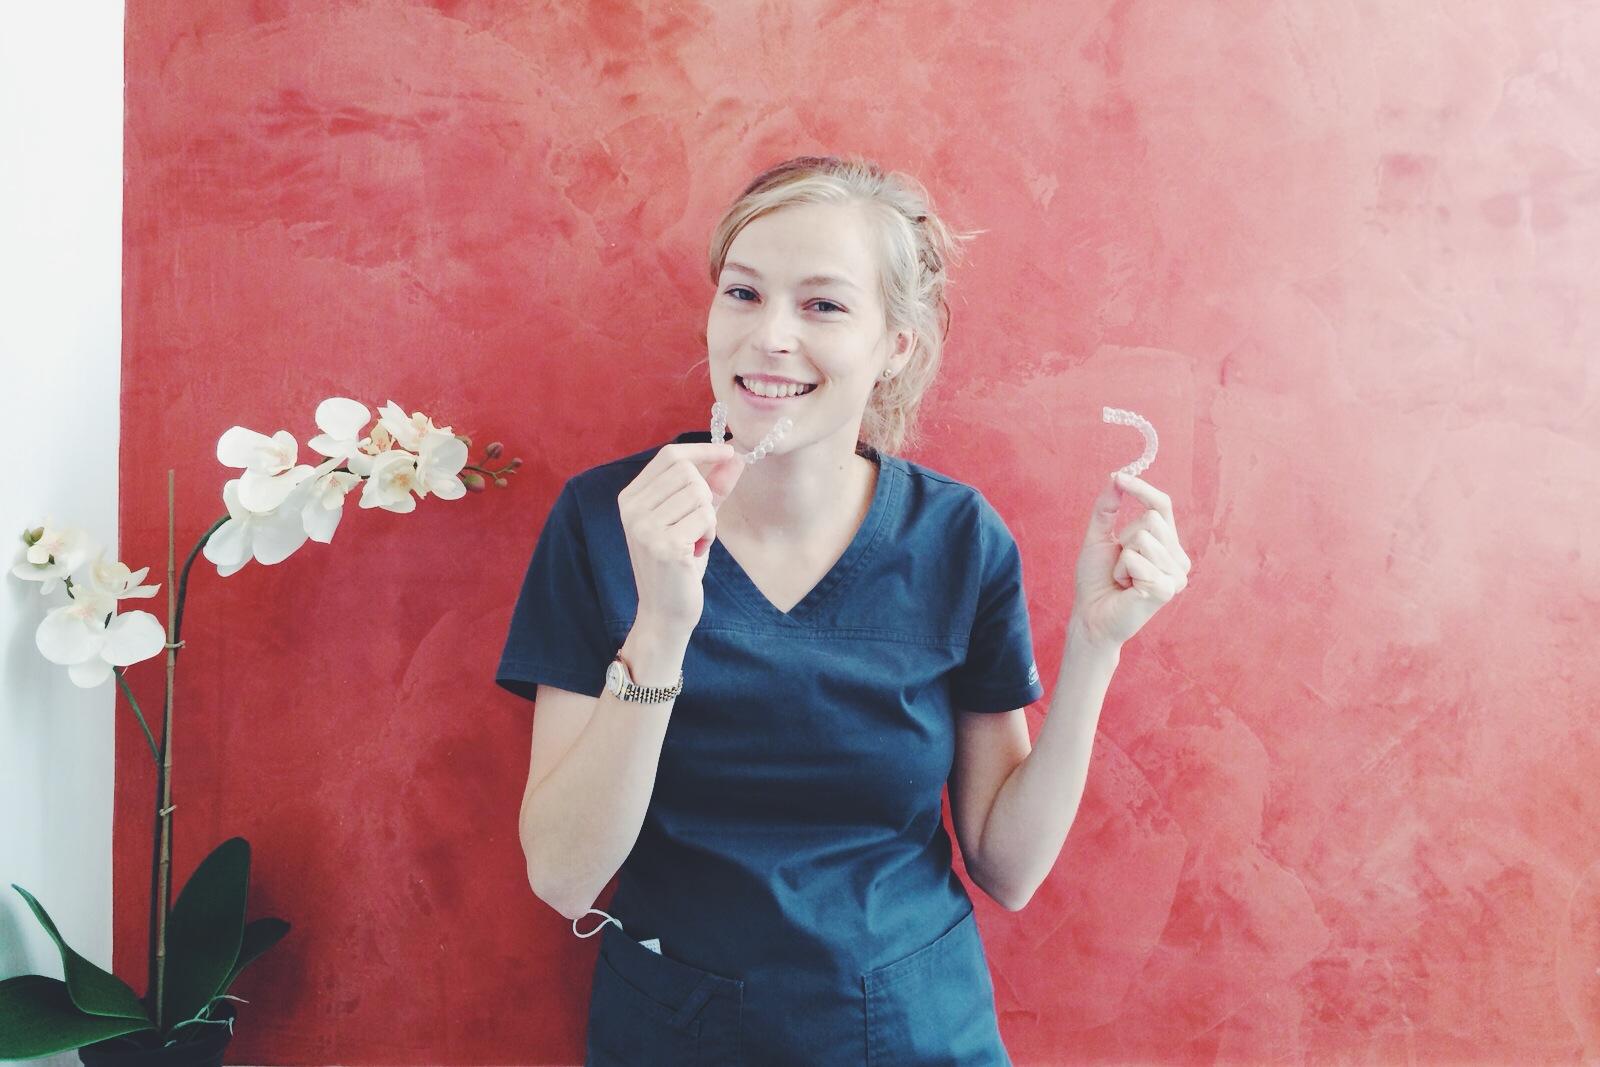 Cómo cuido mi ortodoncia transparente Invisalign